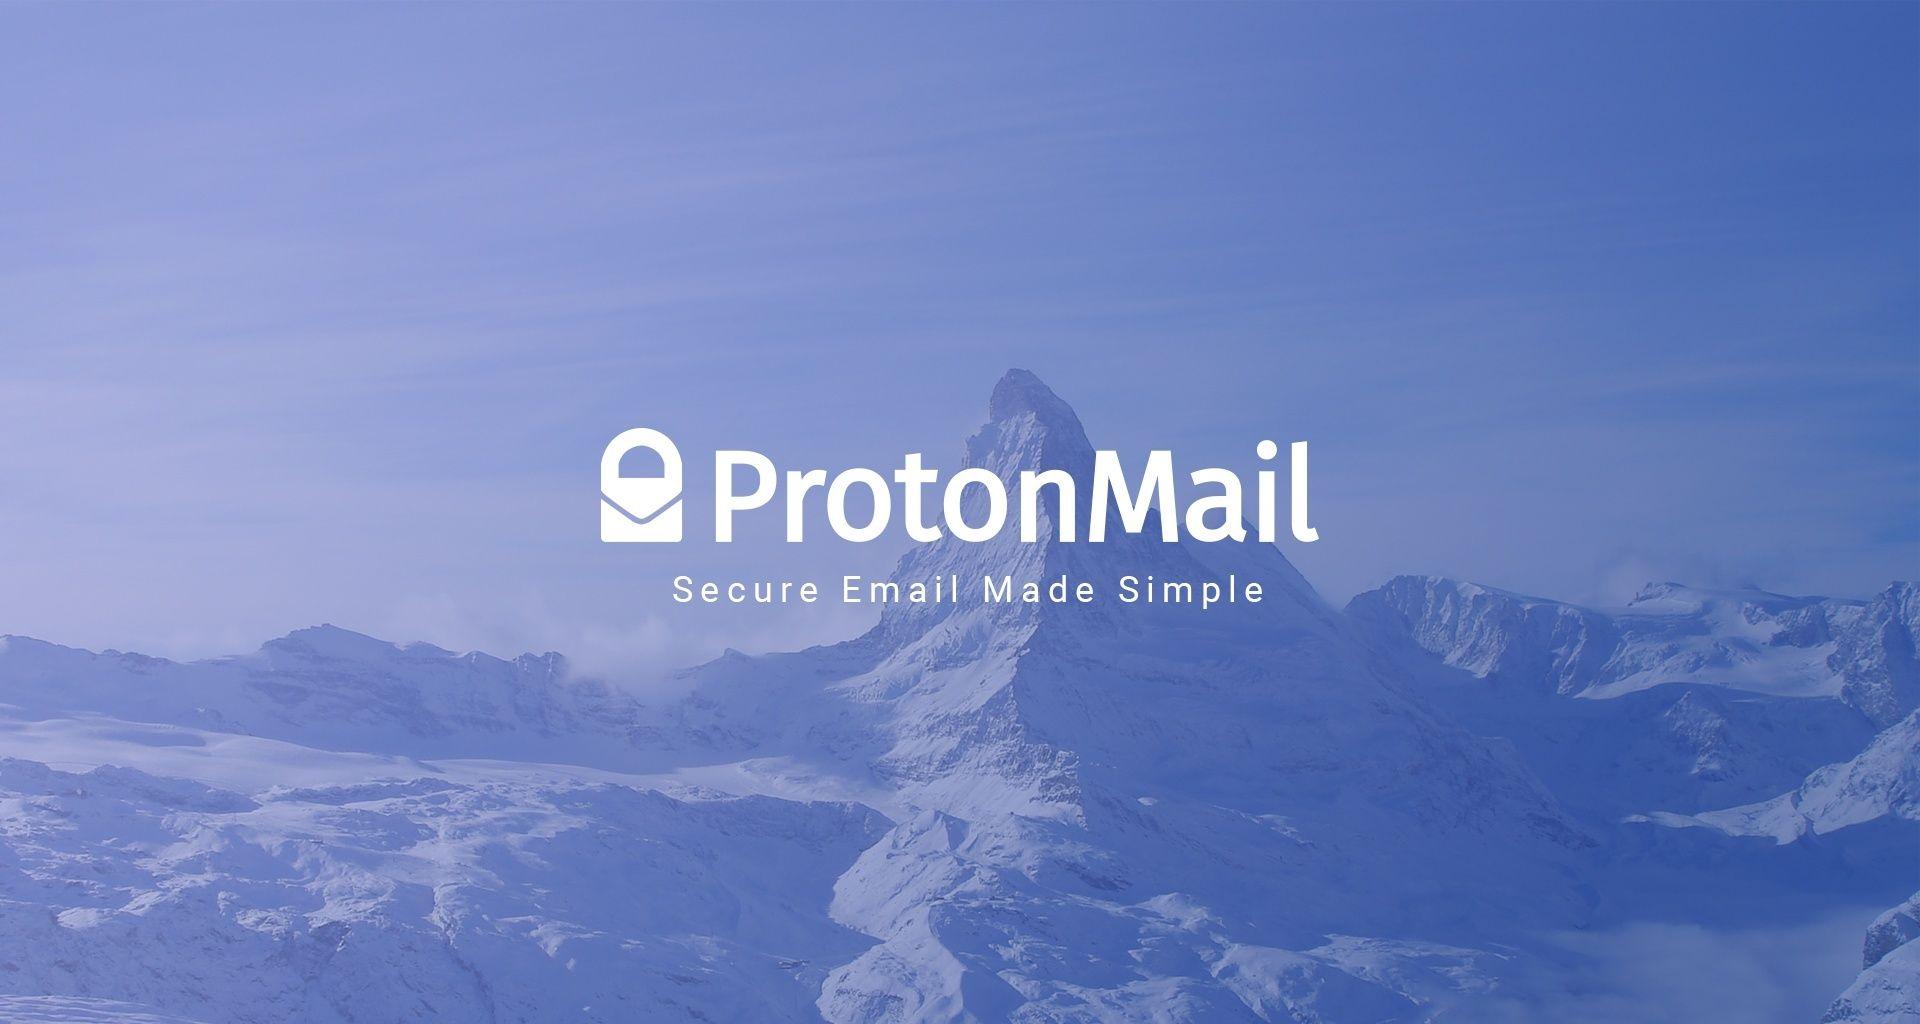 protonmail tit